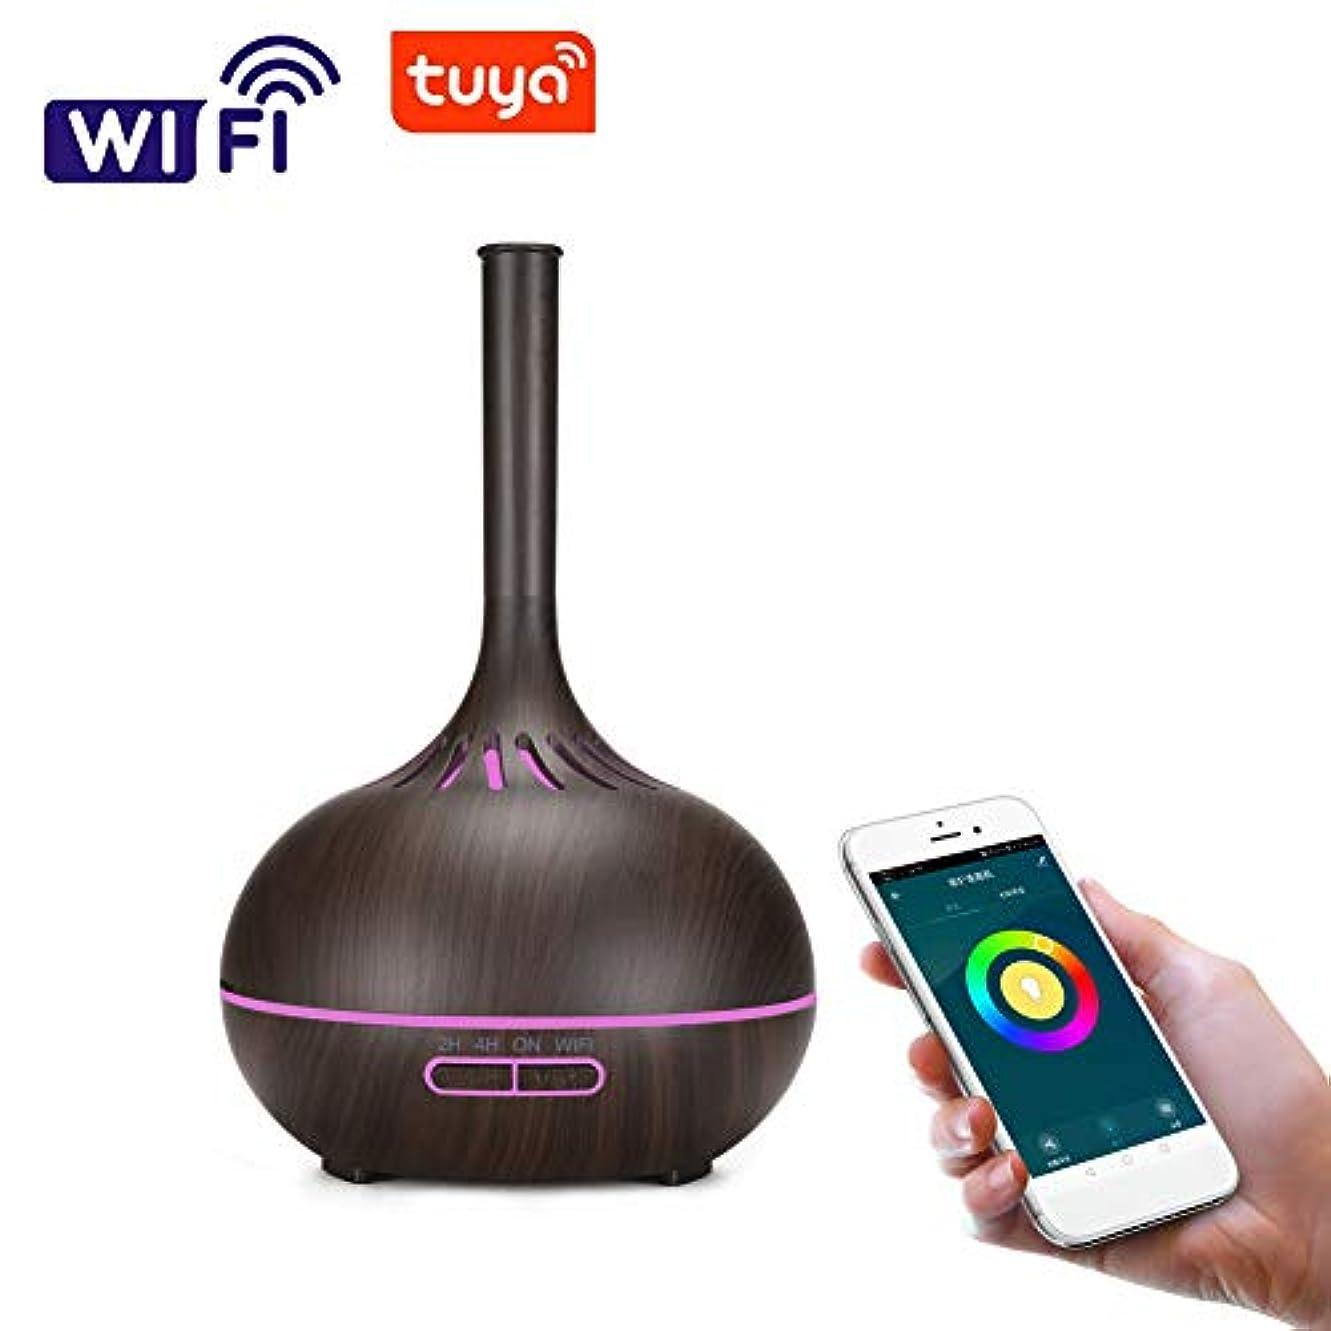 アミューズメント彼女自身休日木目 涼しい霧 超音波式 加湿器,wifi 7 色 香り 精油 ディフューザー 調整可能 空気加湿器 アロマネブライザー ホーム Yoga オフィス- 400ml